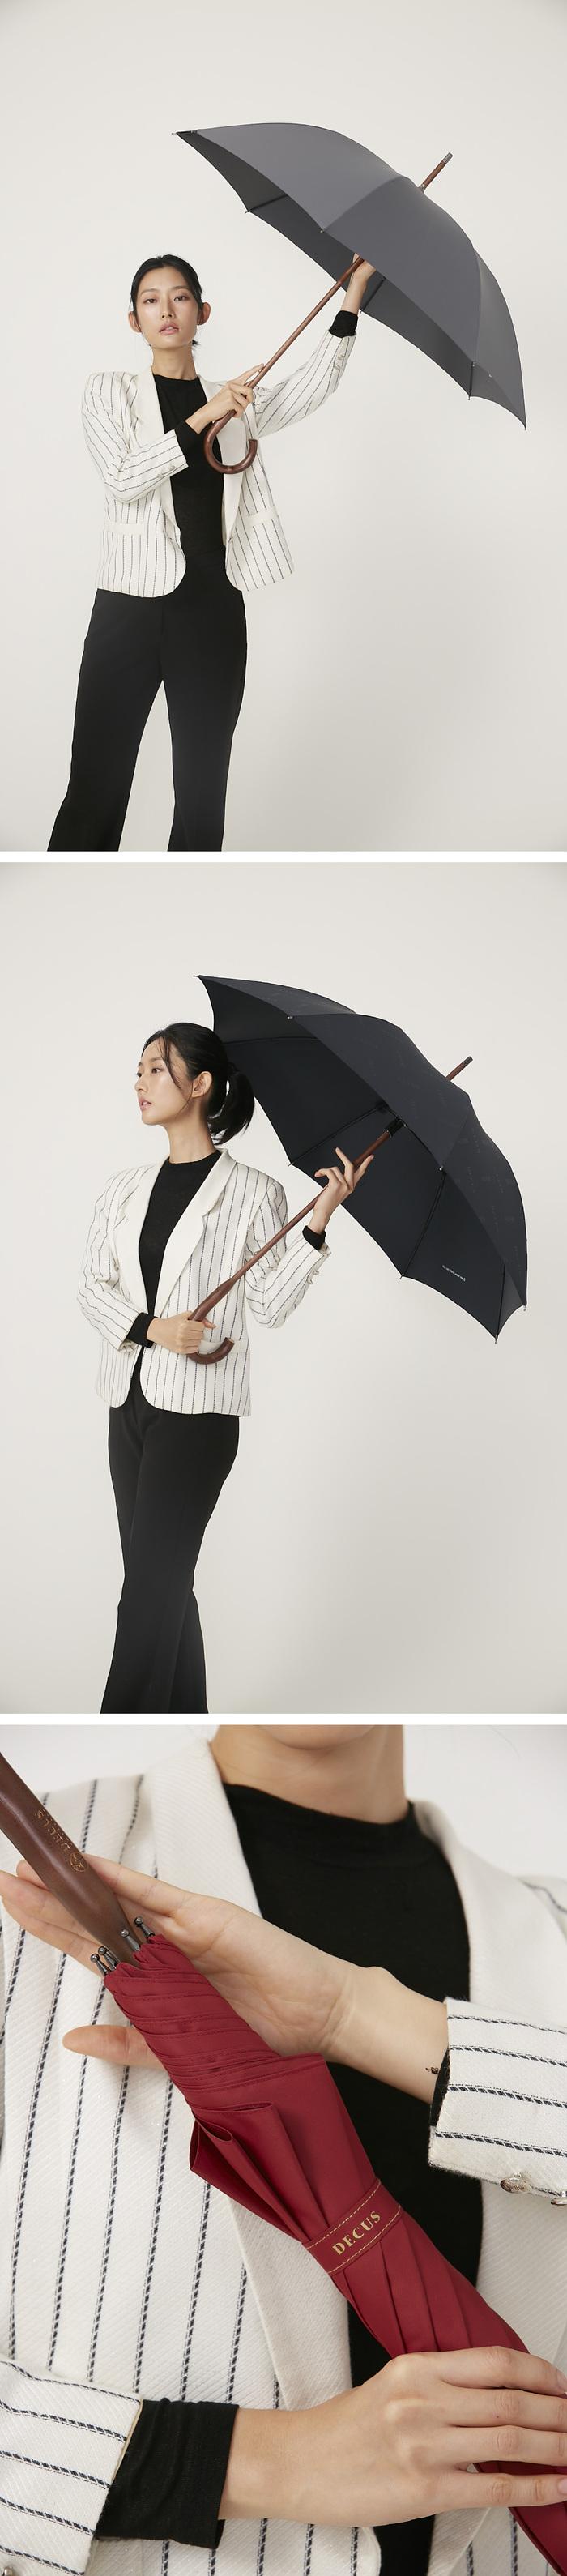 CLASSIC WOODEN 經典威登傘 - 楓木直傘